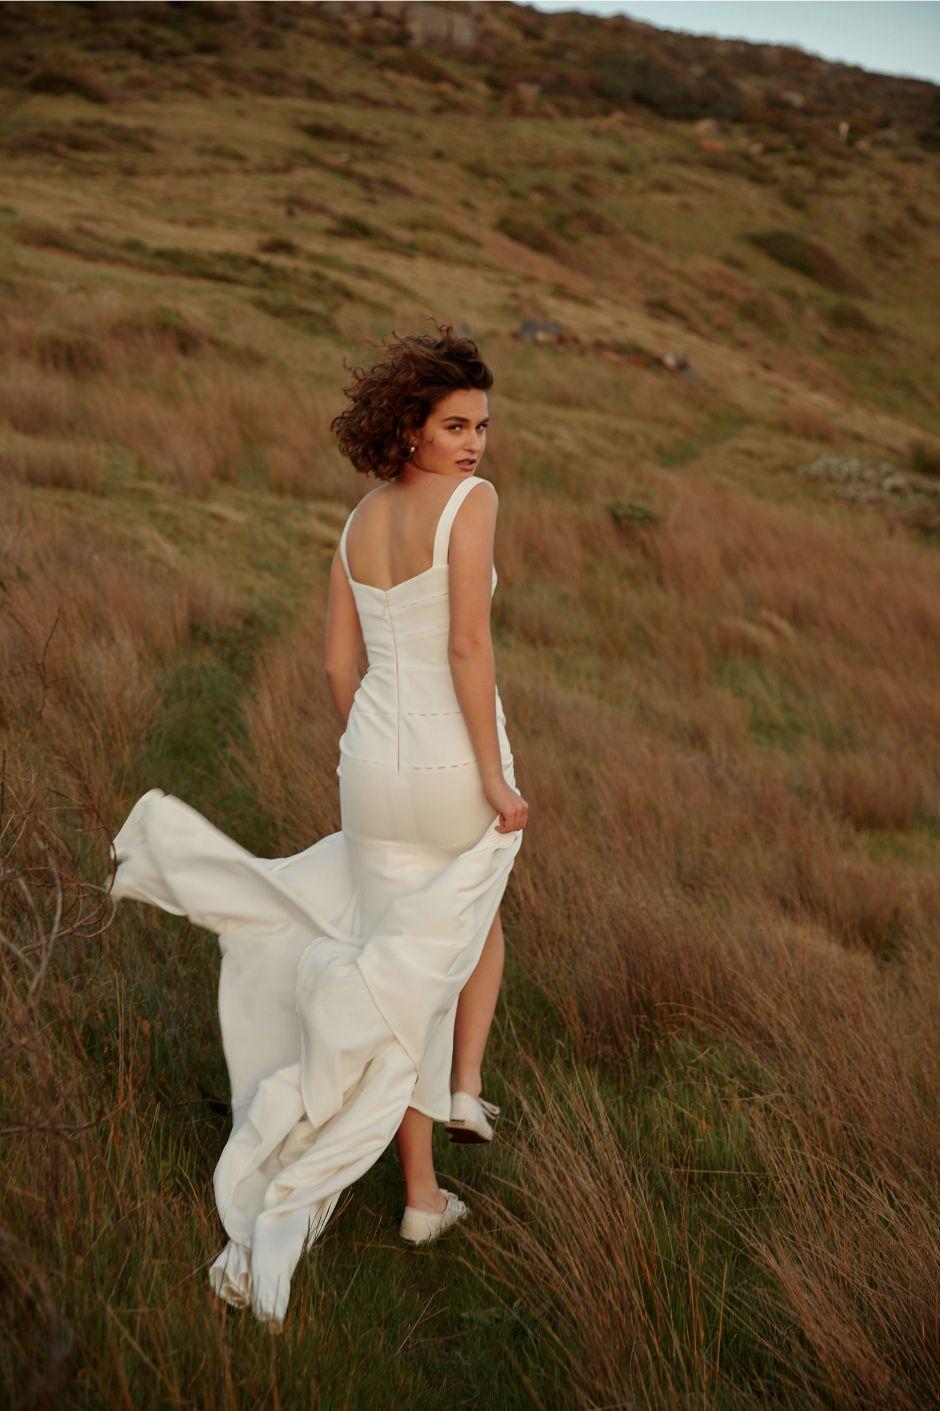 violet_karen willis holmes bridal gowns @gretlwb_photo to the aisle australia 2019 (6)